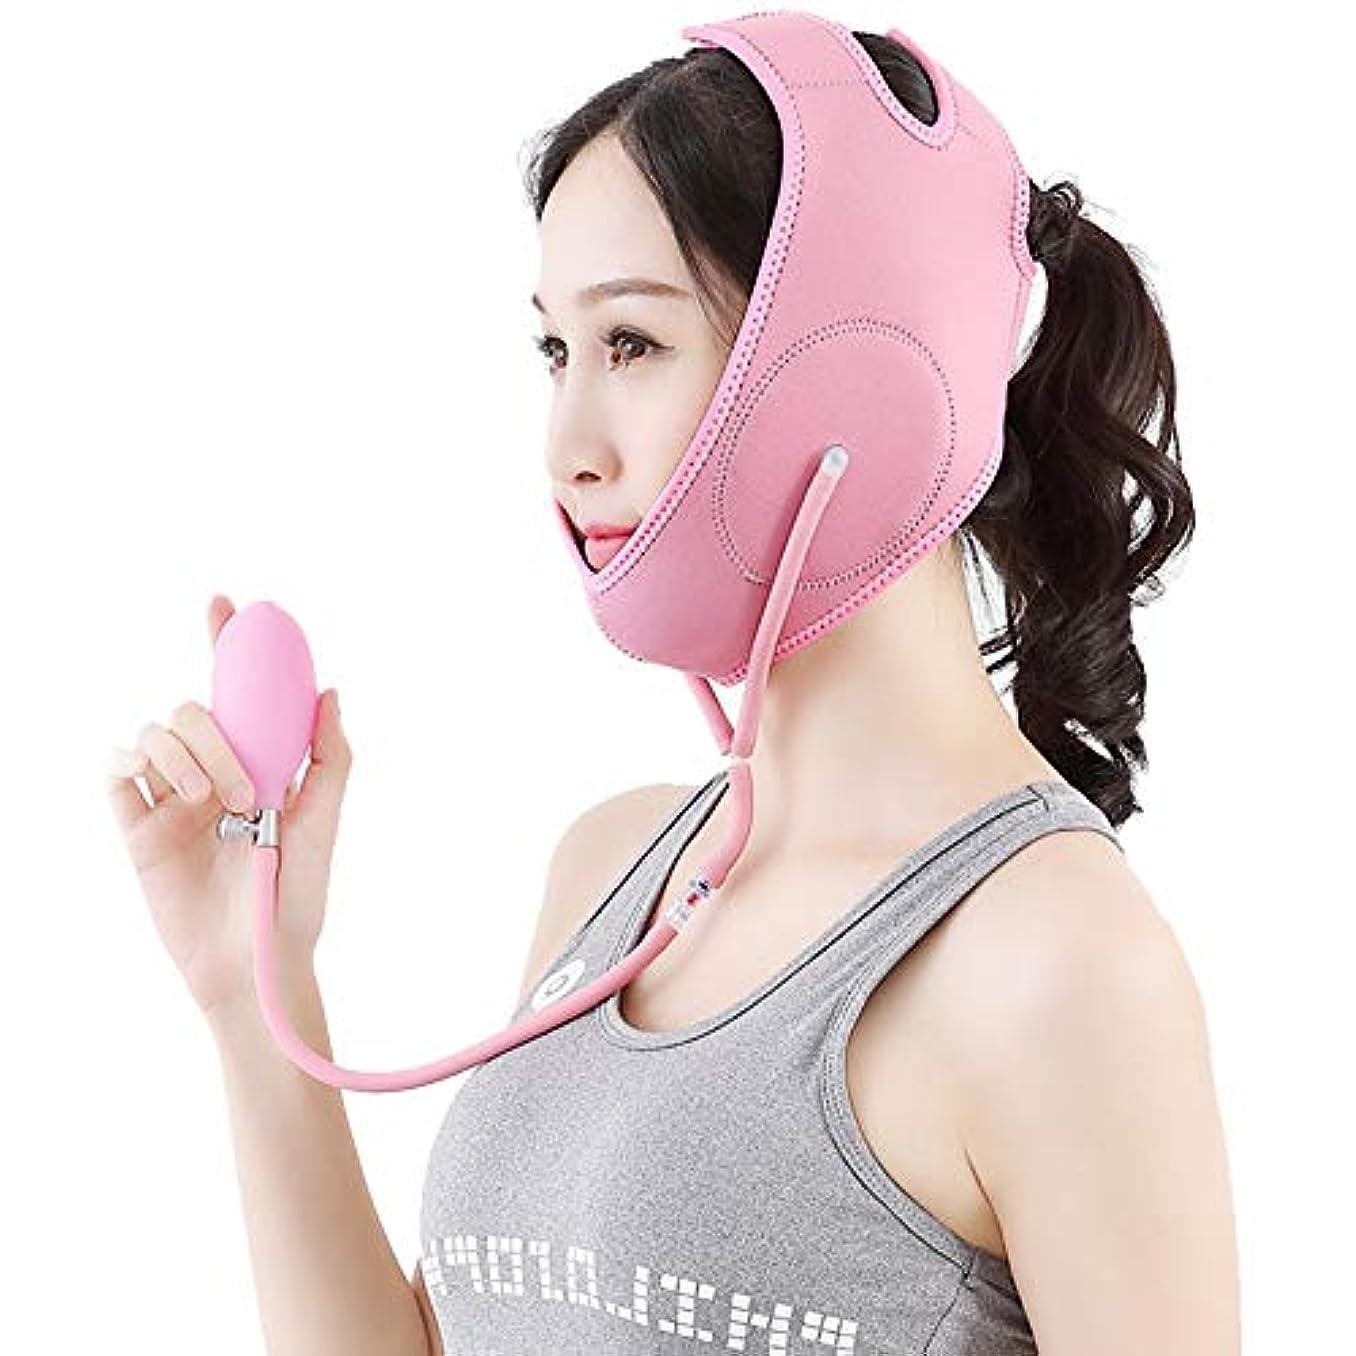 喜ぶ悪の解任XINGZHE フェイシャルリフティング痩身ベルトダブルエアバッグ圧力調整フェイス包帯マスク整形マスクが顔を引き締める フェイスリフティングベルト (色 : ピンク, サイズ さいず : M)